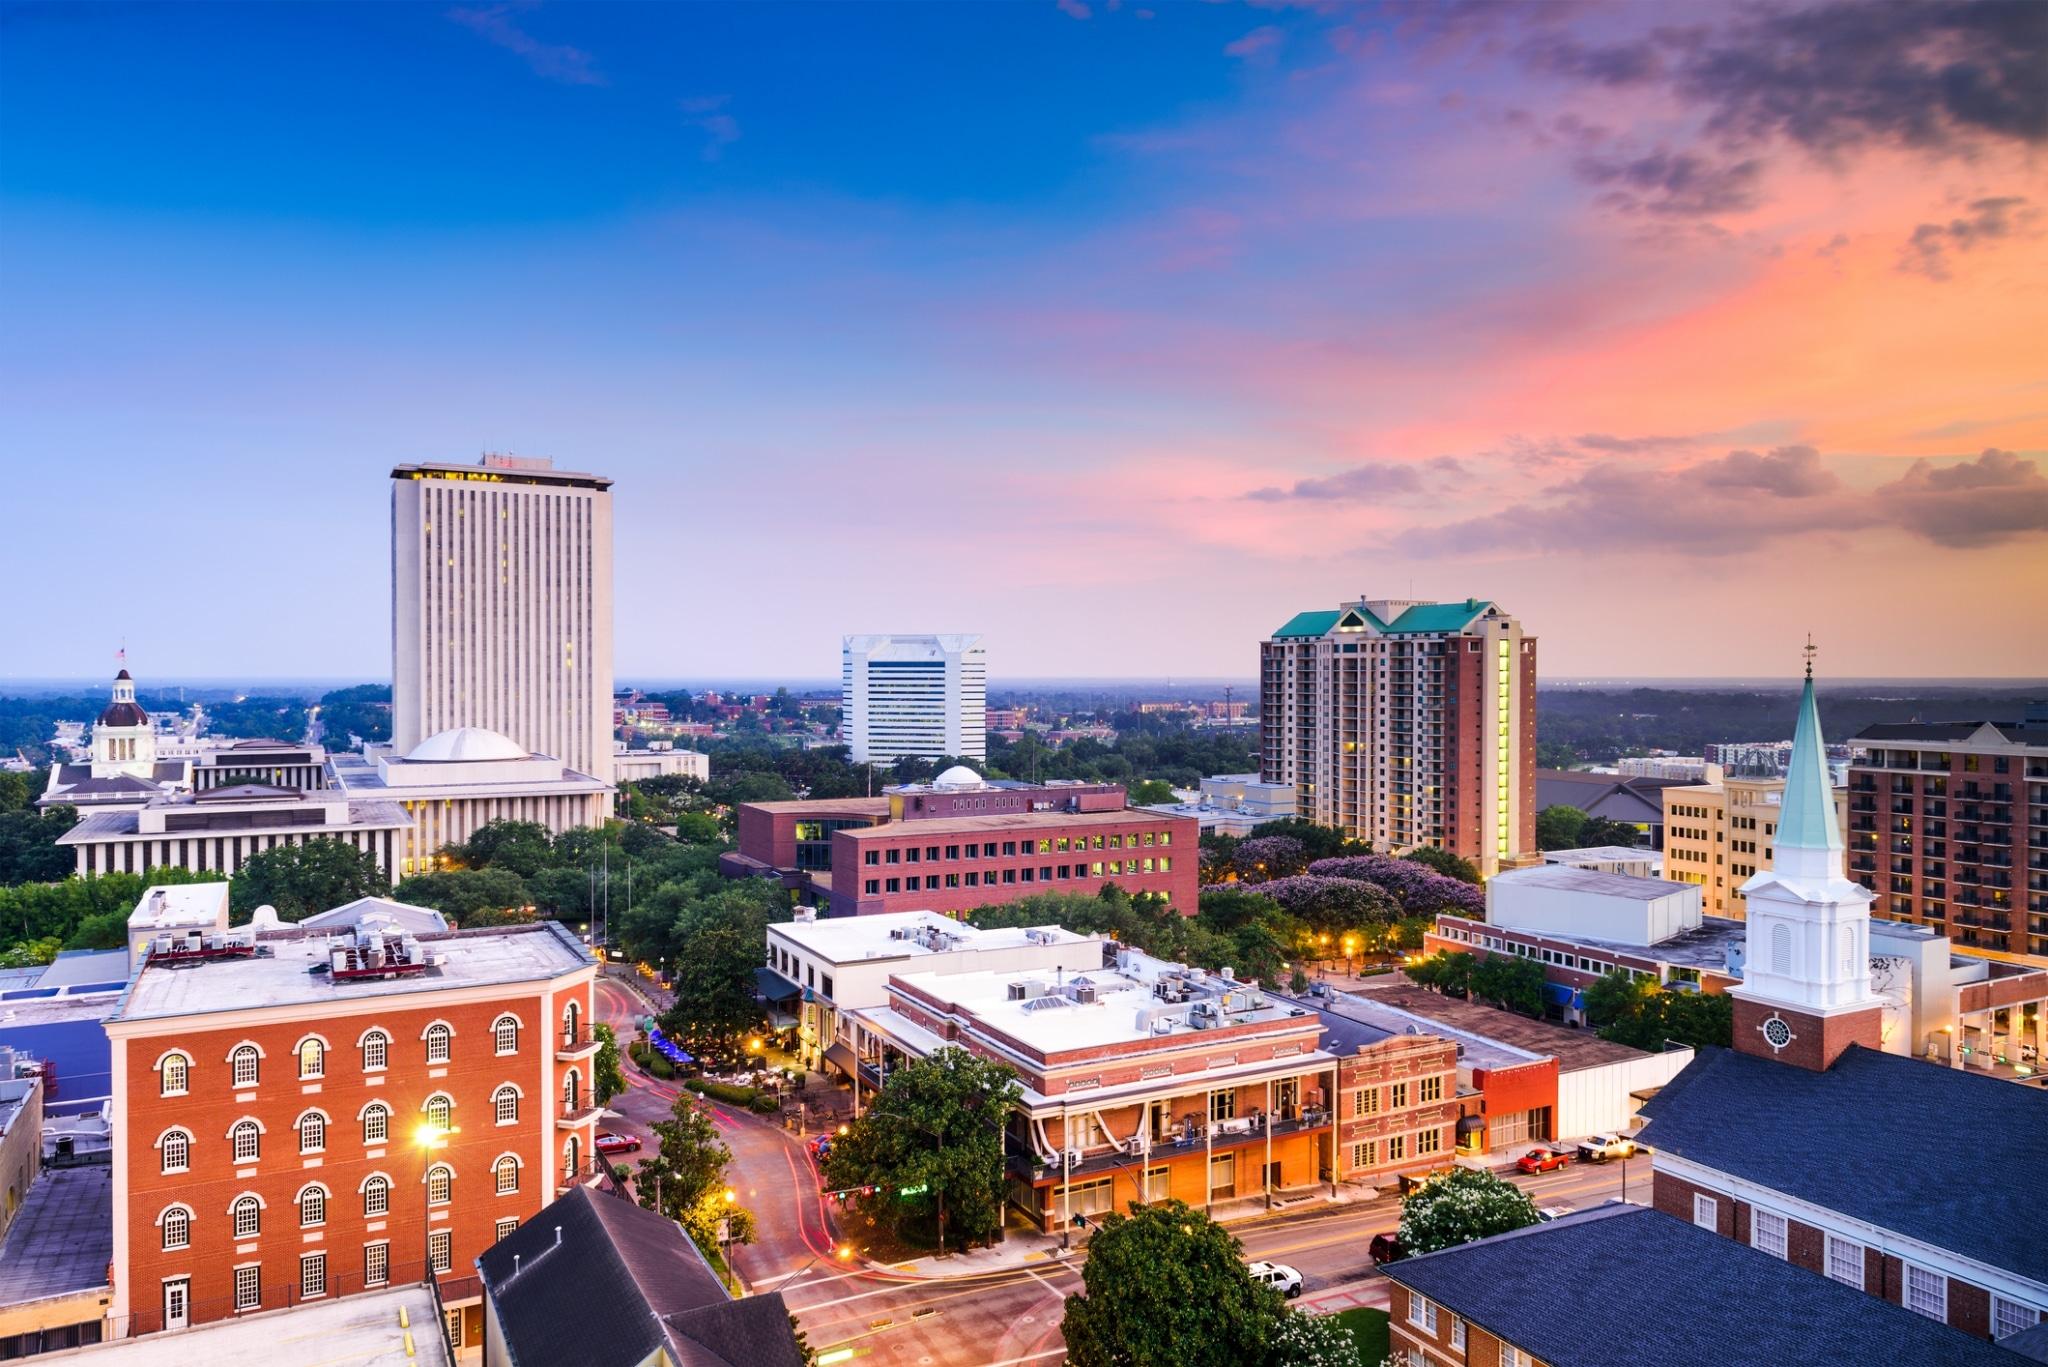 Tallahassee, Florida, USA